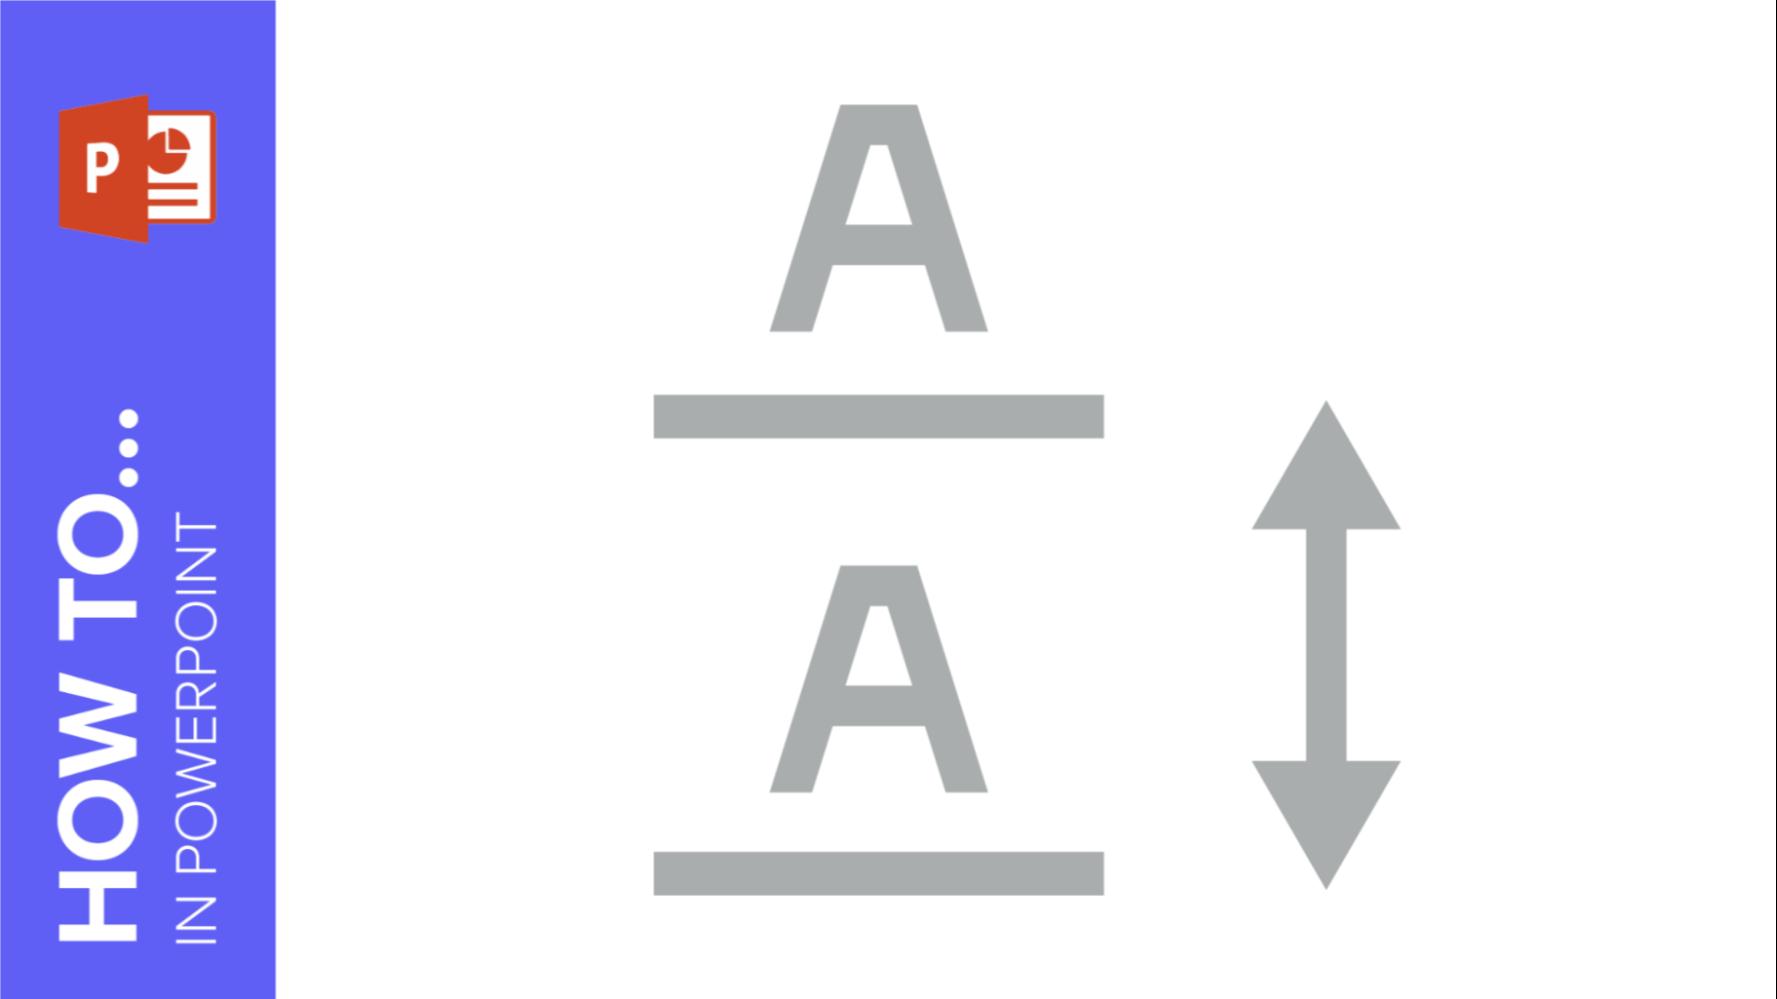 How to Change Indentation, Spacing and Line Spacing in PowerPoint   Schnelle Tipps & Tutorials für deine Präsentationen